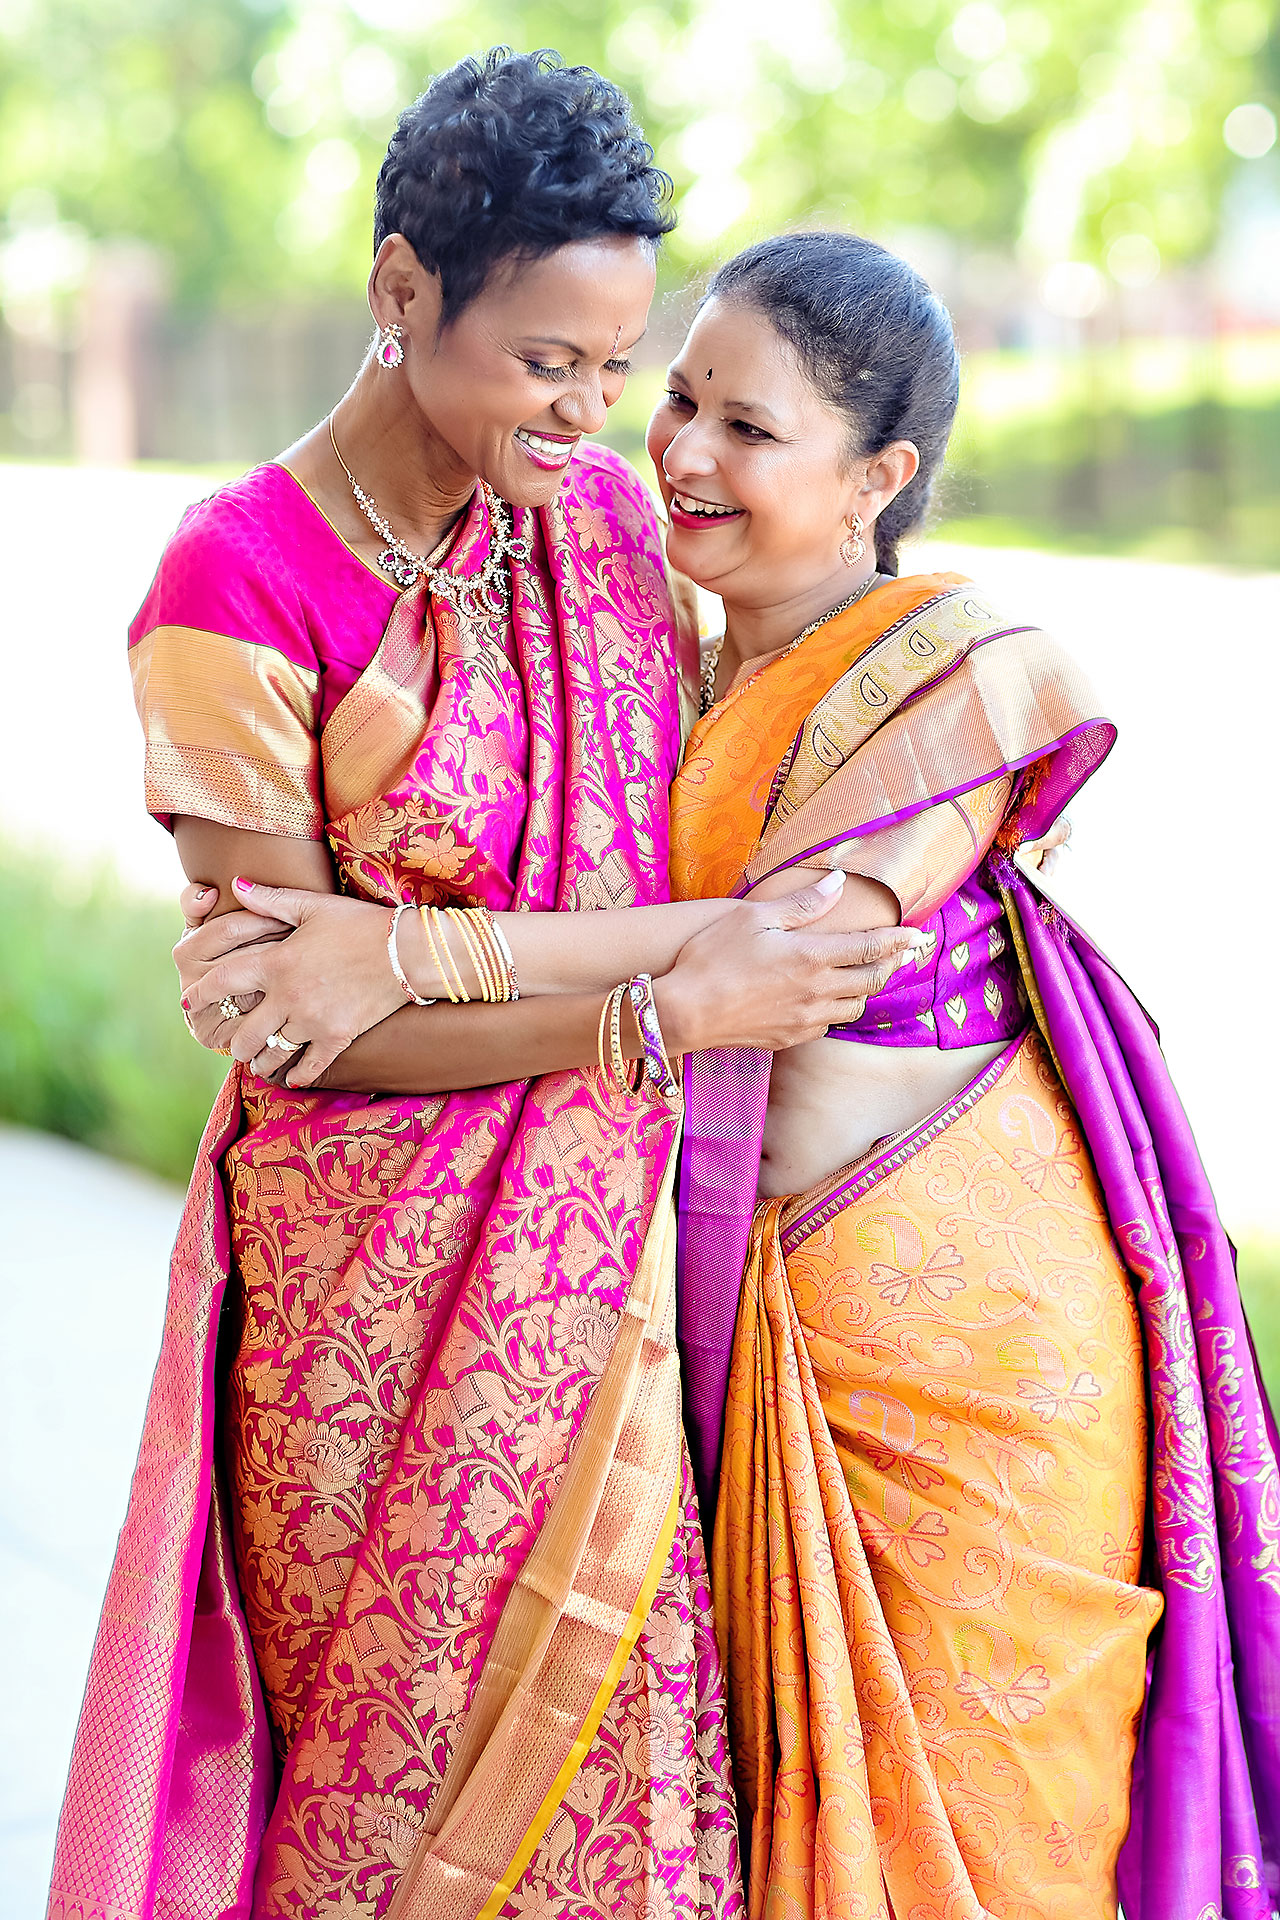 Joie Nikhil JW Marriott Indian Wedding 104